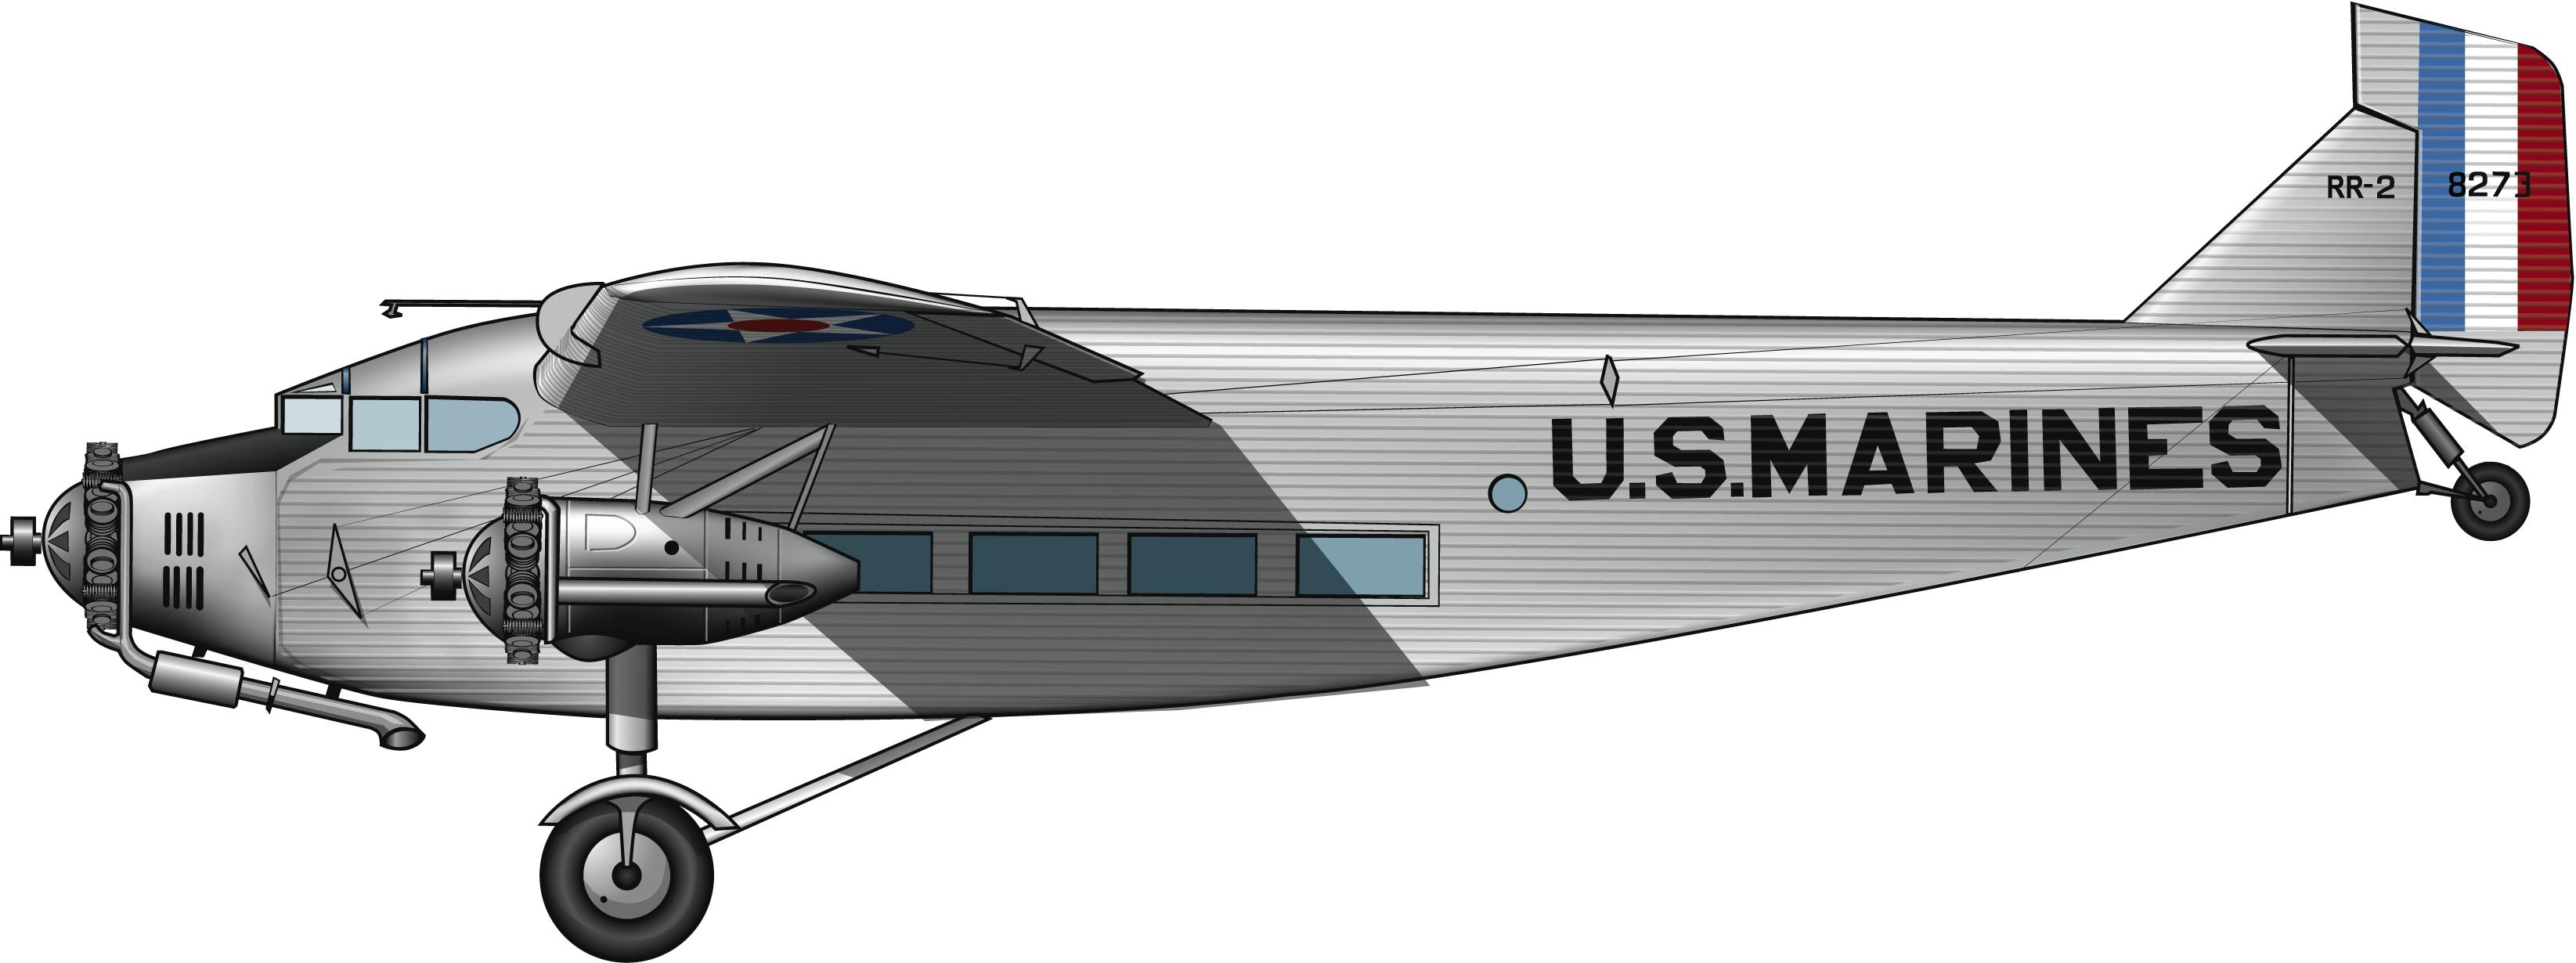 fordtrimotorUSMCnicaragua1929